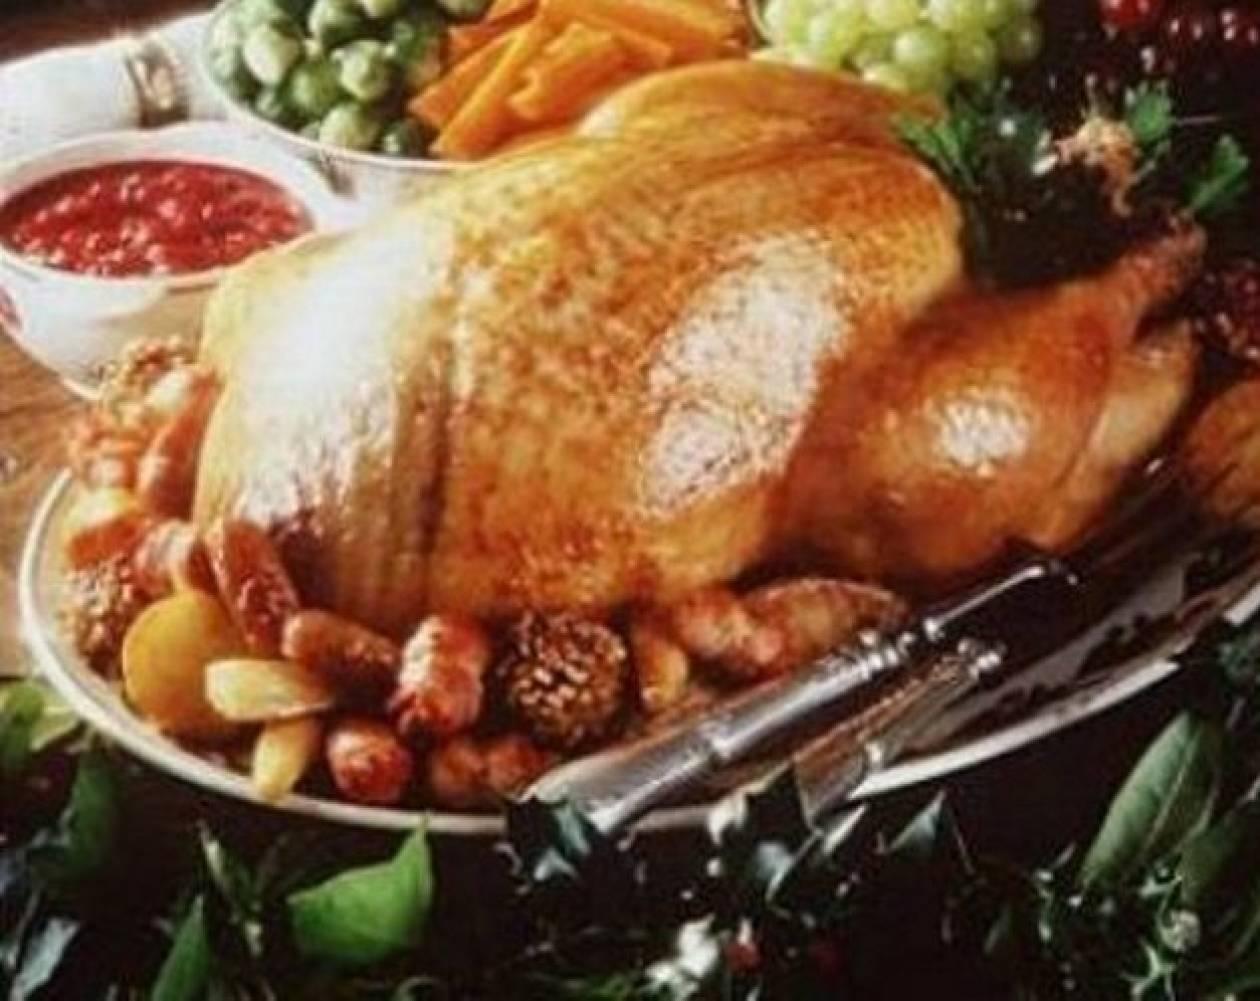 Πώς να «απενοχοποιήσουμε» το γιορτινό τραπέζι;